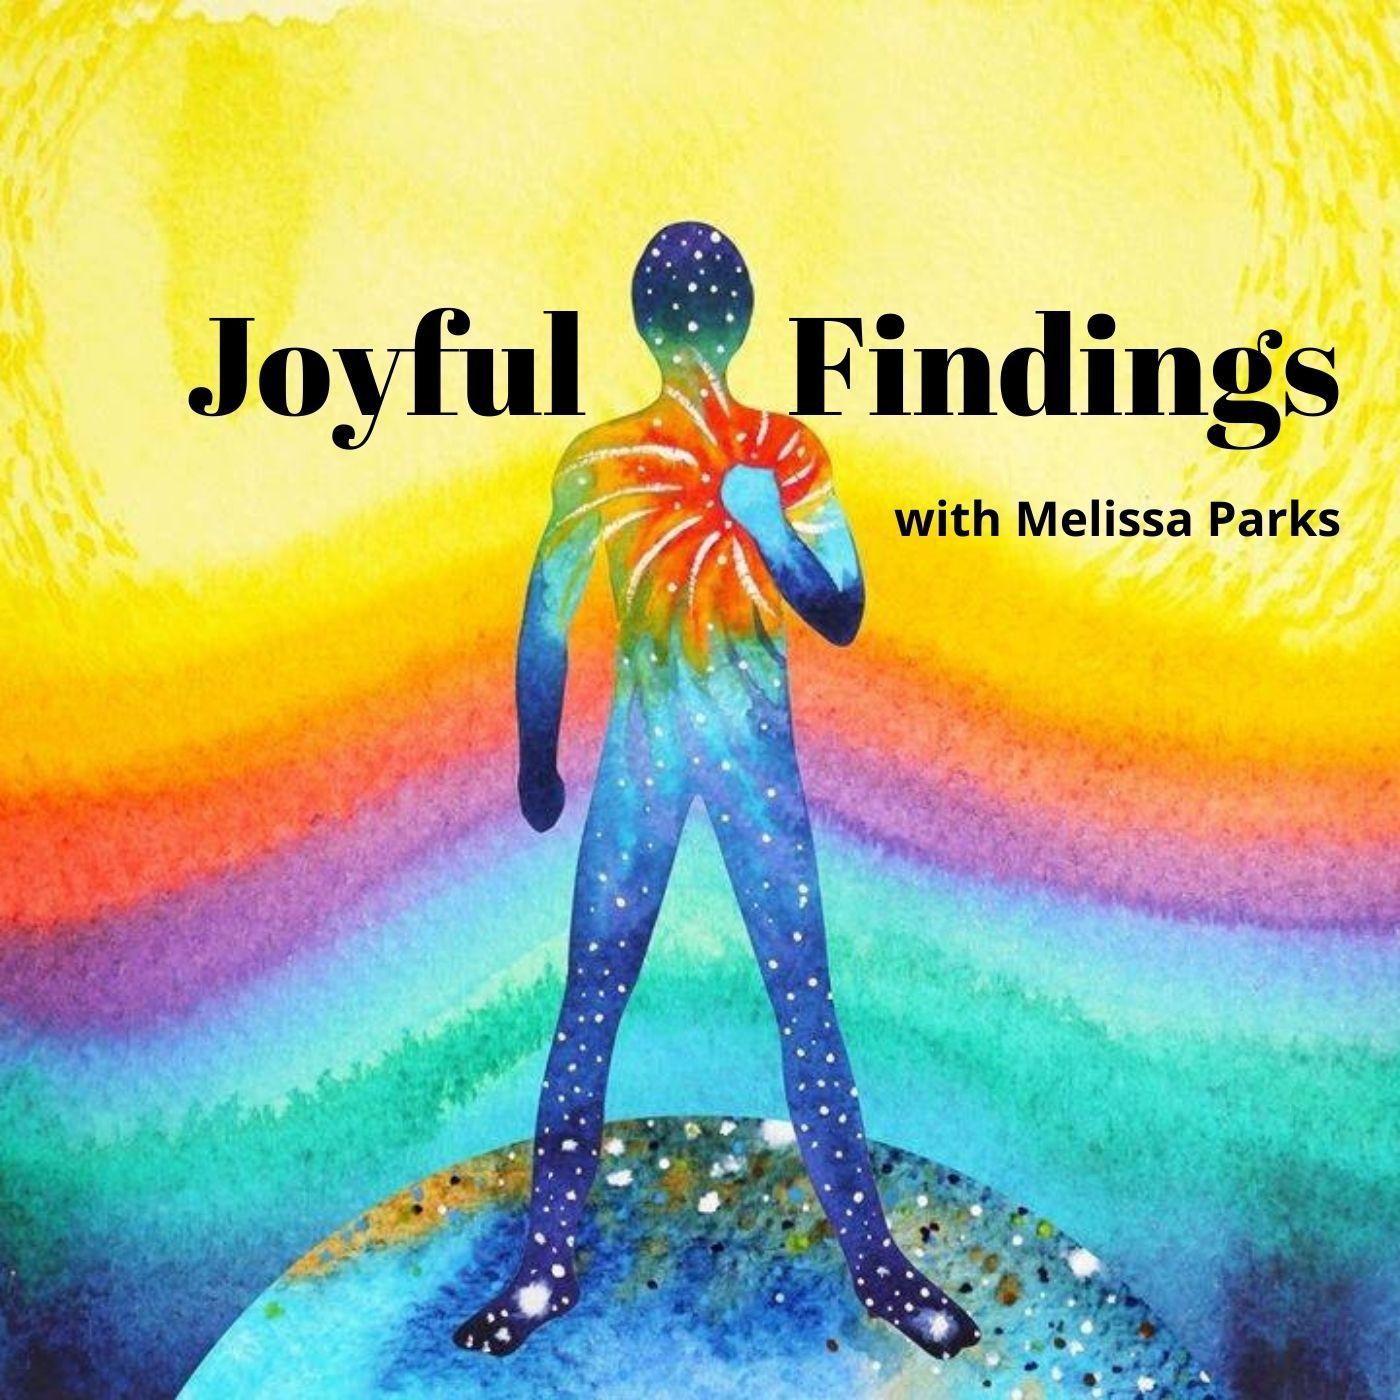 24Feb2021 Joyful Findings